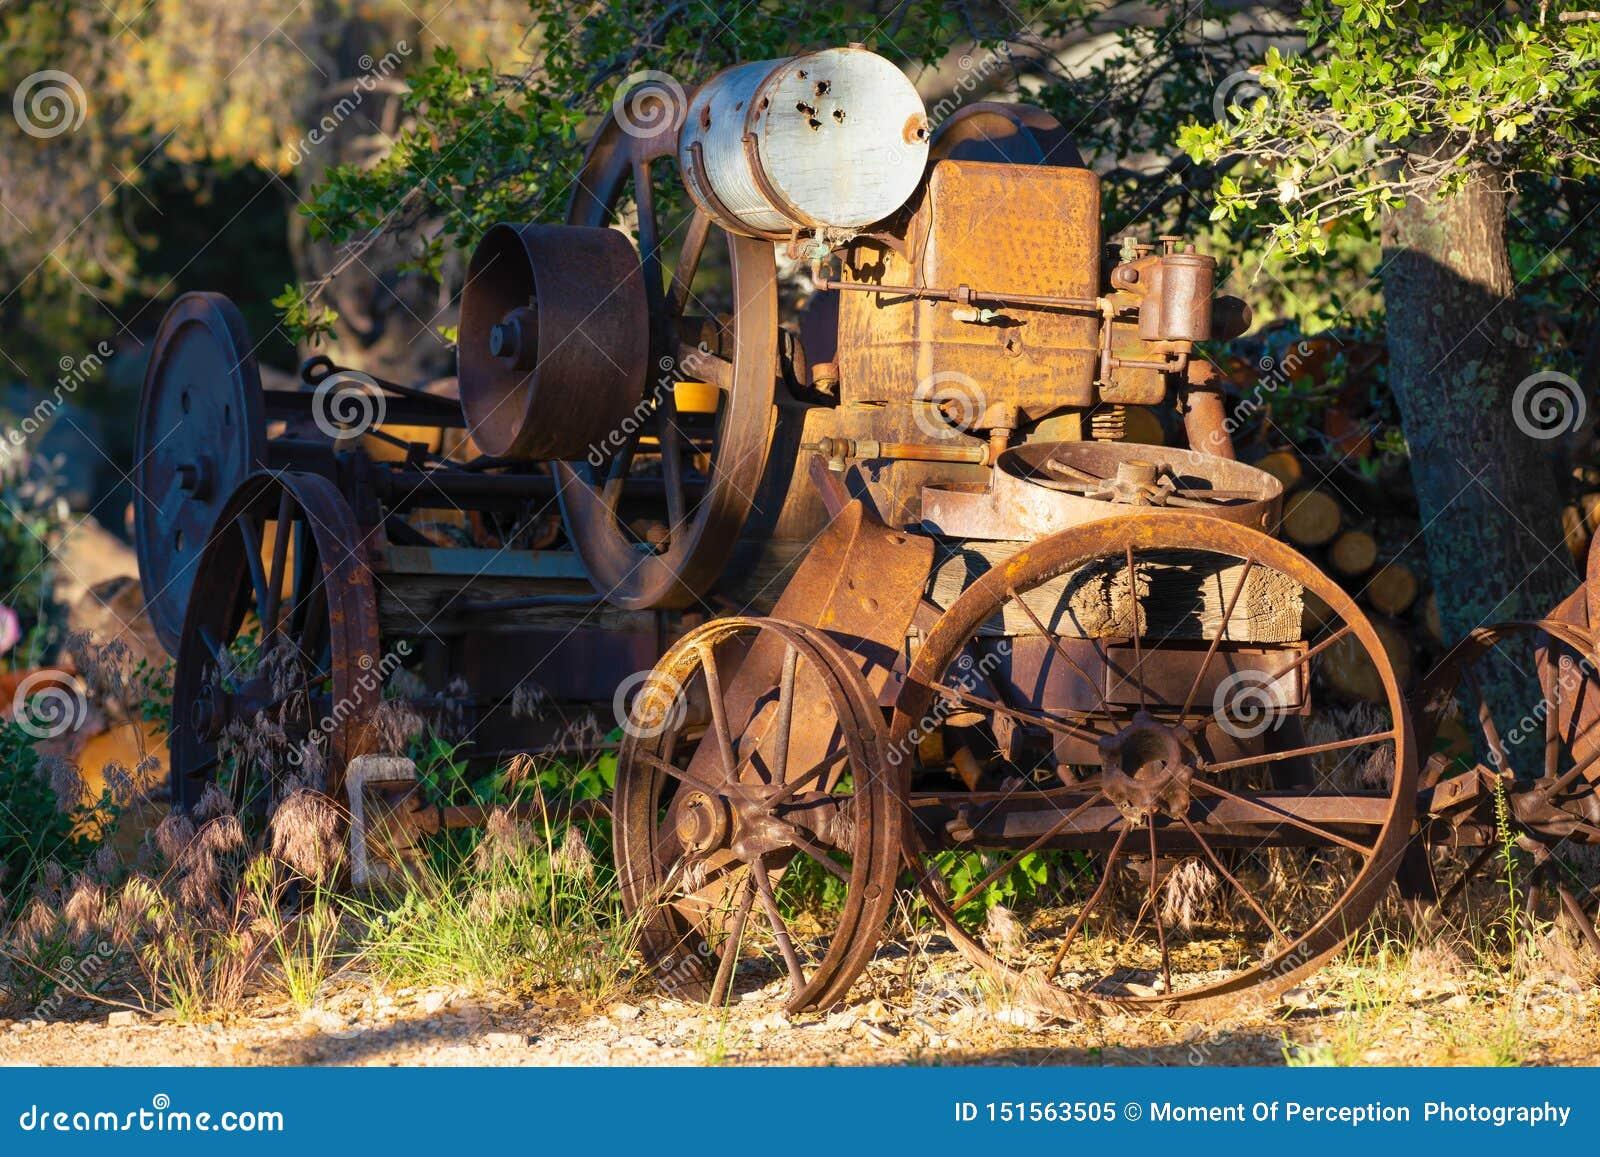 Un caballo de labranza viejo, oxidado, y olvidado